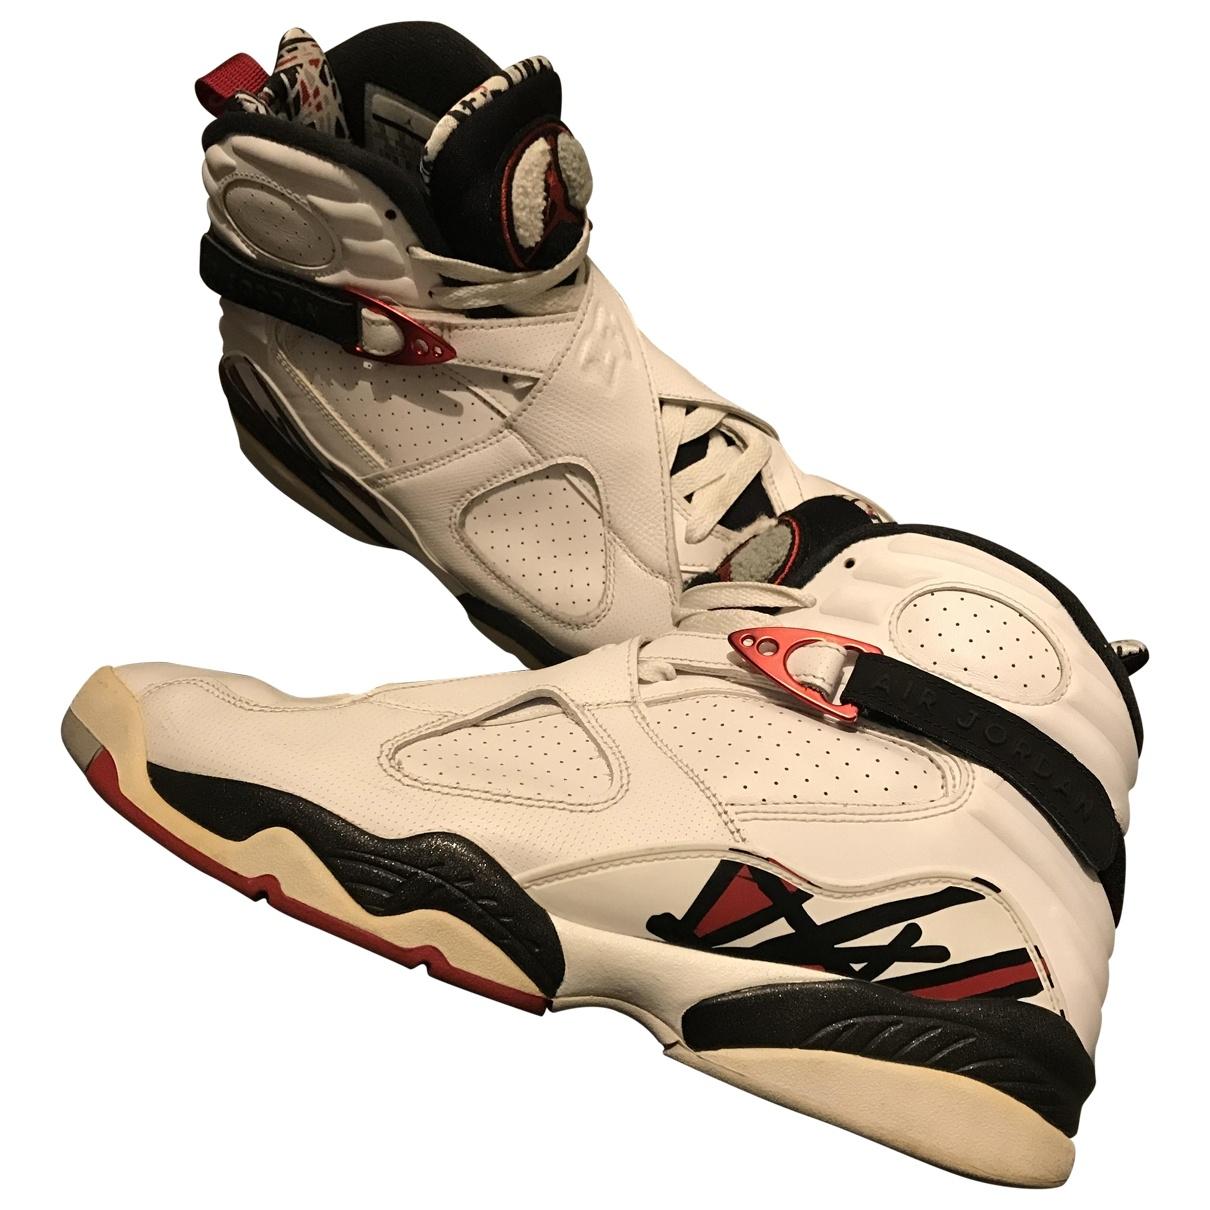 Jordan Air Jordan 8 White Leather Trainers for Men 45 EU